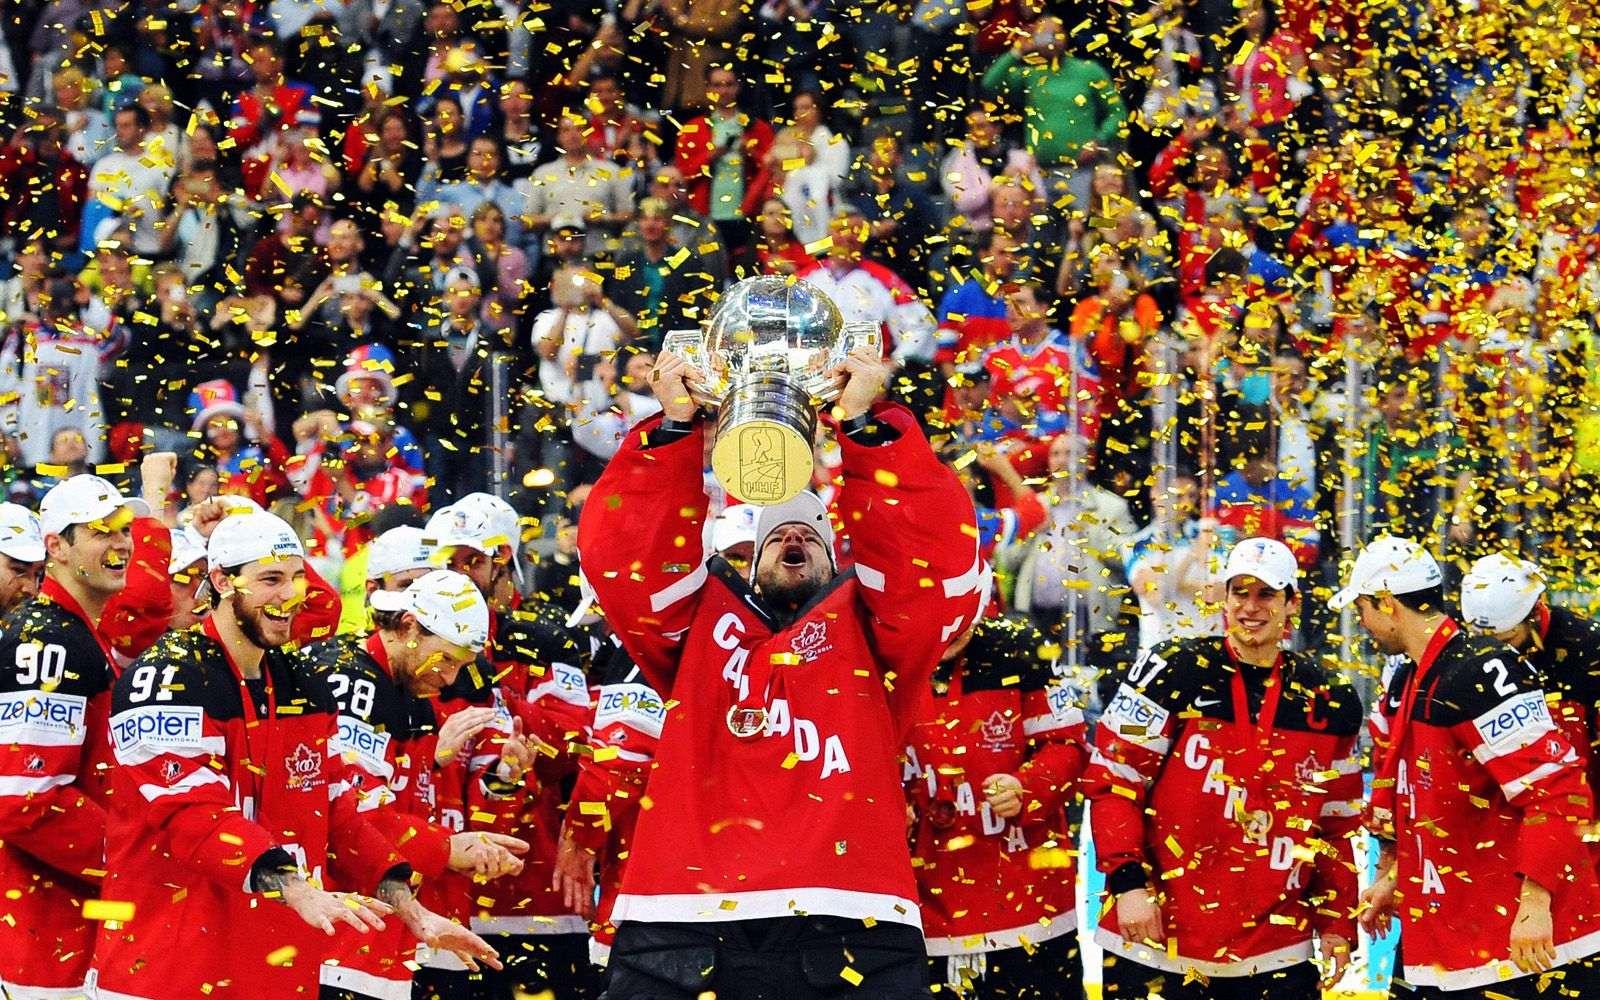 Mistrovství světa v ledním hokeji 2015